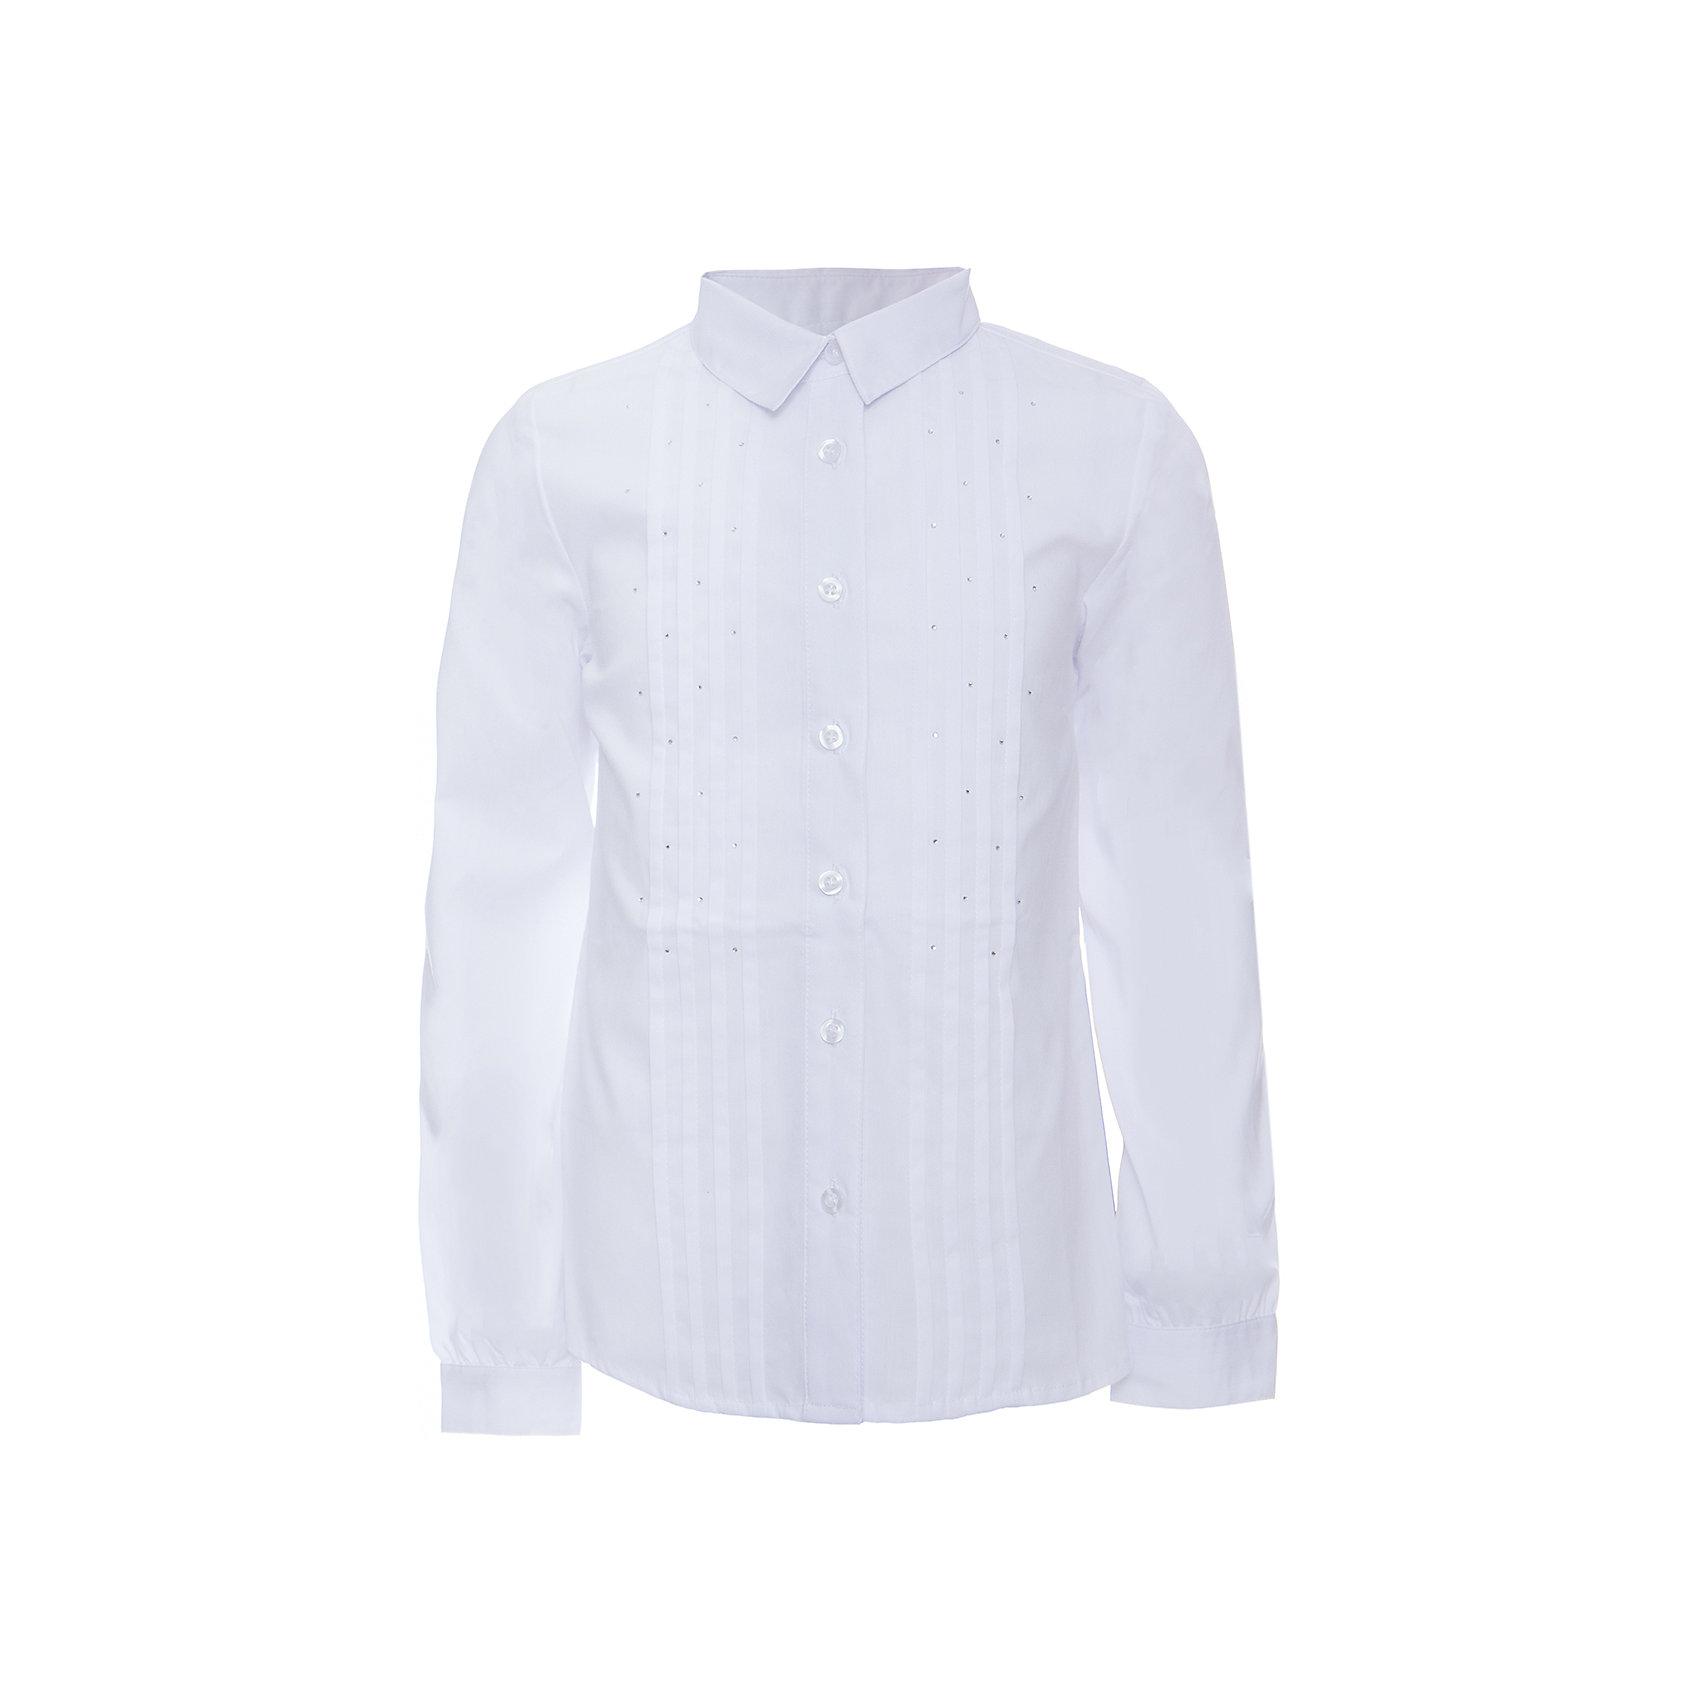 Блузка текстильная для девочки ScoolБлузки и рубашки<br>Блузка текстильная для девочки Scool<br>Блузка с длинным  рукавом в классическом стиле сможет дополнить школьный гардероб ребенка. Передняя часть этой модели декорирована россыпью страз и встрочными складками по всей длине изделия. Рукава дополнены манжетами.<br>Состав:<br>68% хлопок, 28% полиэстер, 4% эластан<br><br>Ширина мм: 186<br>Глубина мм: 87<br>Высота мм: 198<br>Вес г: 197<br>Цвет: белый<br>Возраст от месяцев: 84<br>Возраст до месяцев: 96<br>Пол: Женский<br>Возраст: Детский<br>Размер: 128,134,140,146,152,158,164,122<br>SKU: 6754818